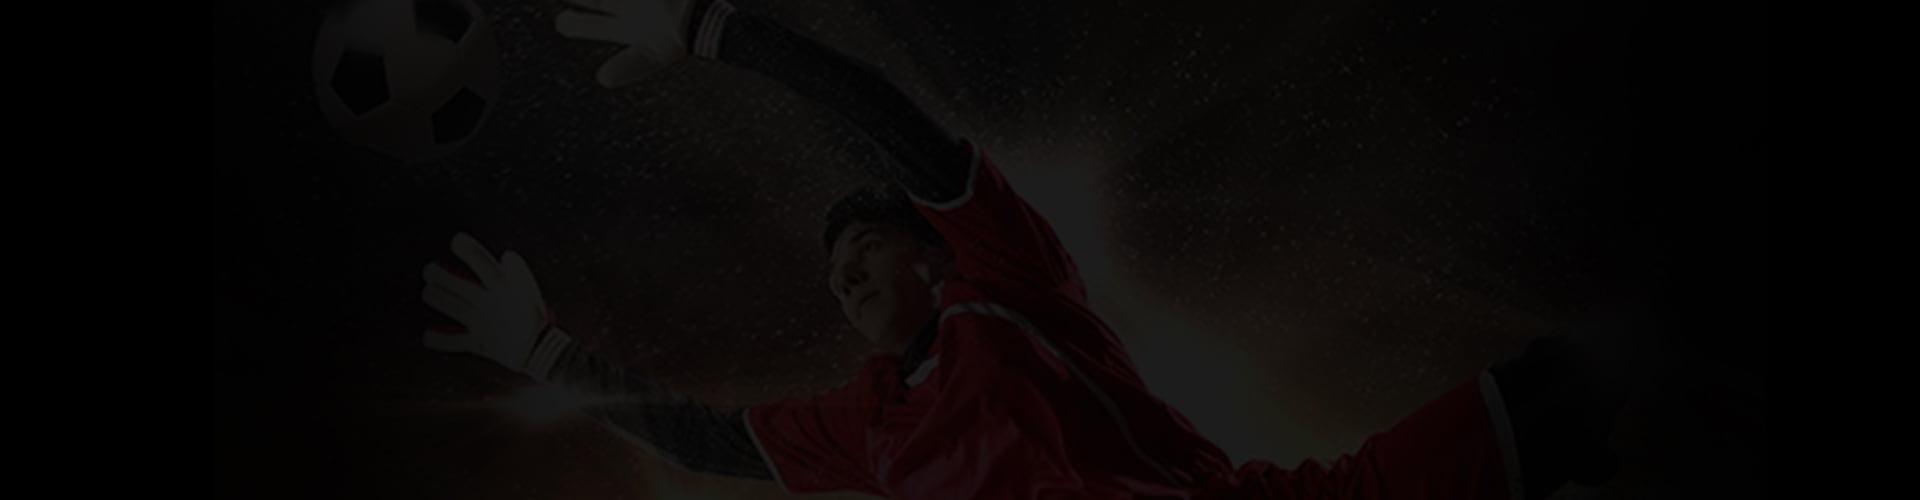 Intertops Wettsteuer – Müssen die Spieler beim Wettanbieter Intertops die Wettsteuer zahlen?